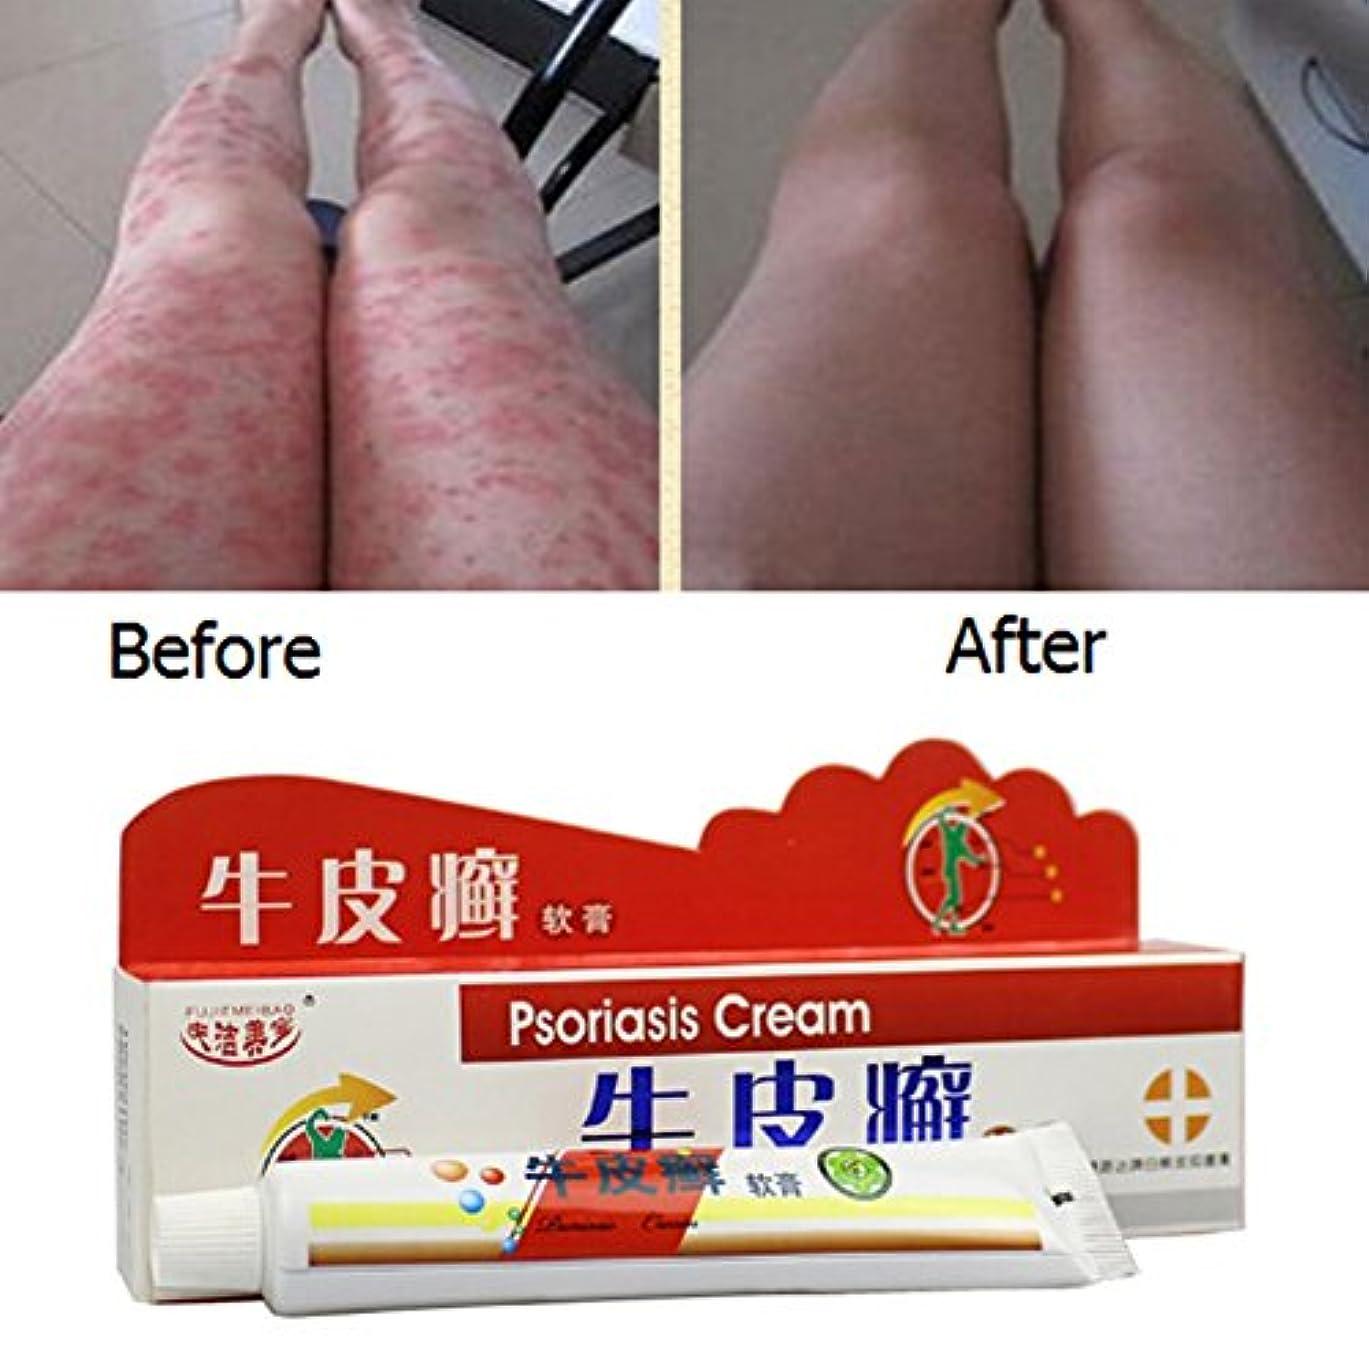 永久にクック冊子Balai 乾癬クリーム 中国のハーブ抗菌軟膏クリーム 湿疹乾癬 治療かゆみ止めクリーム